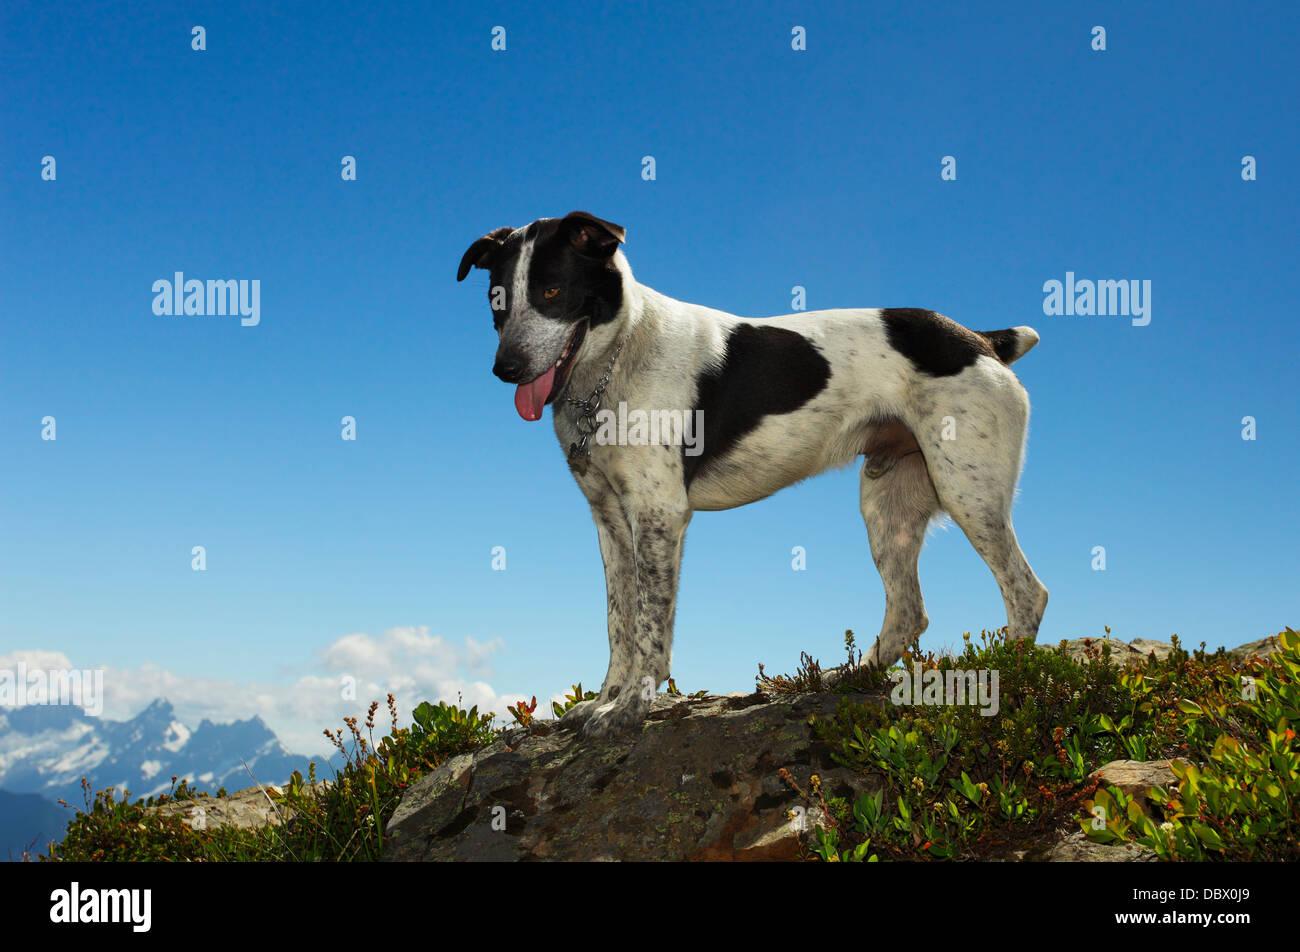 Heeler Stock Photos & Heeler Stock Images - Page 3 - Alamy